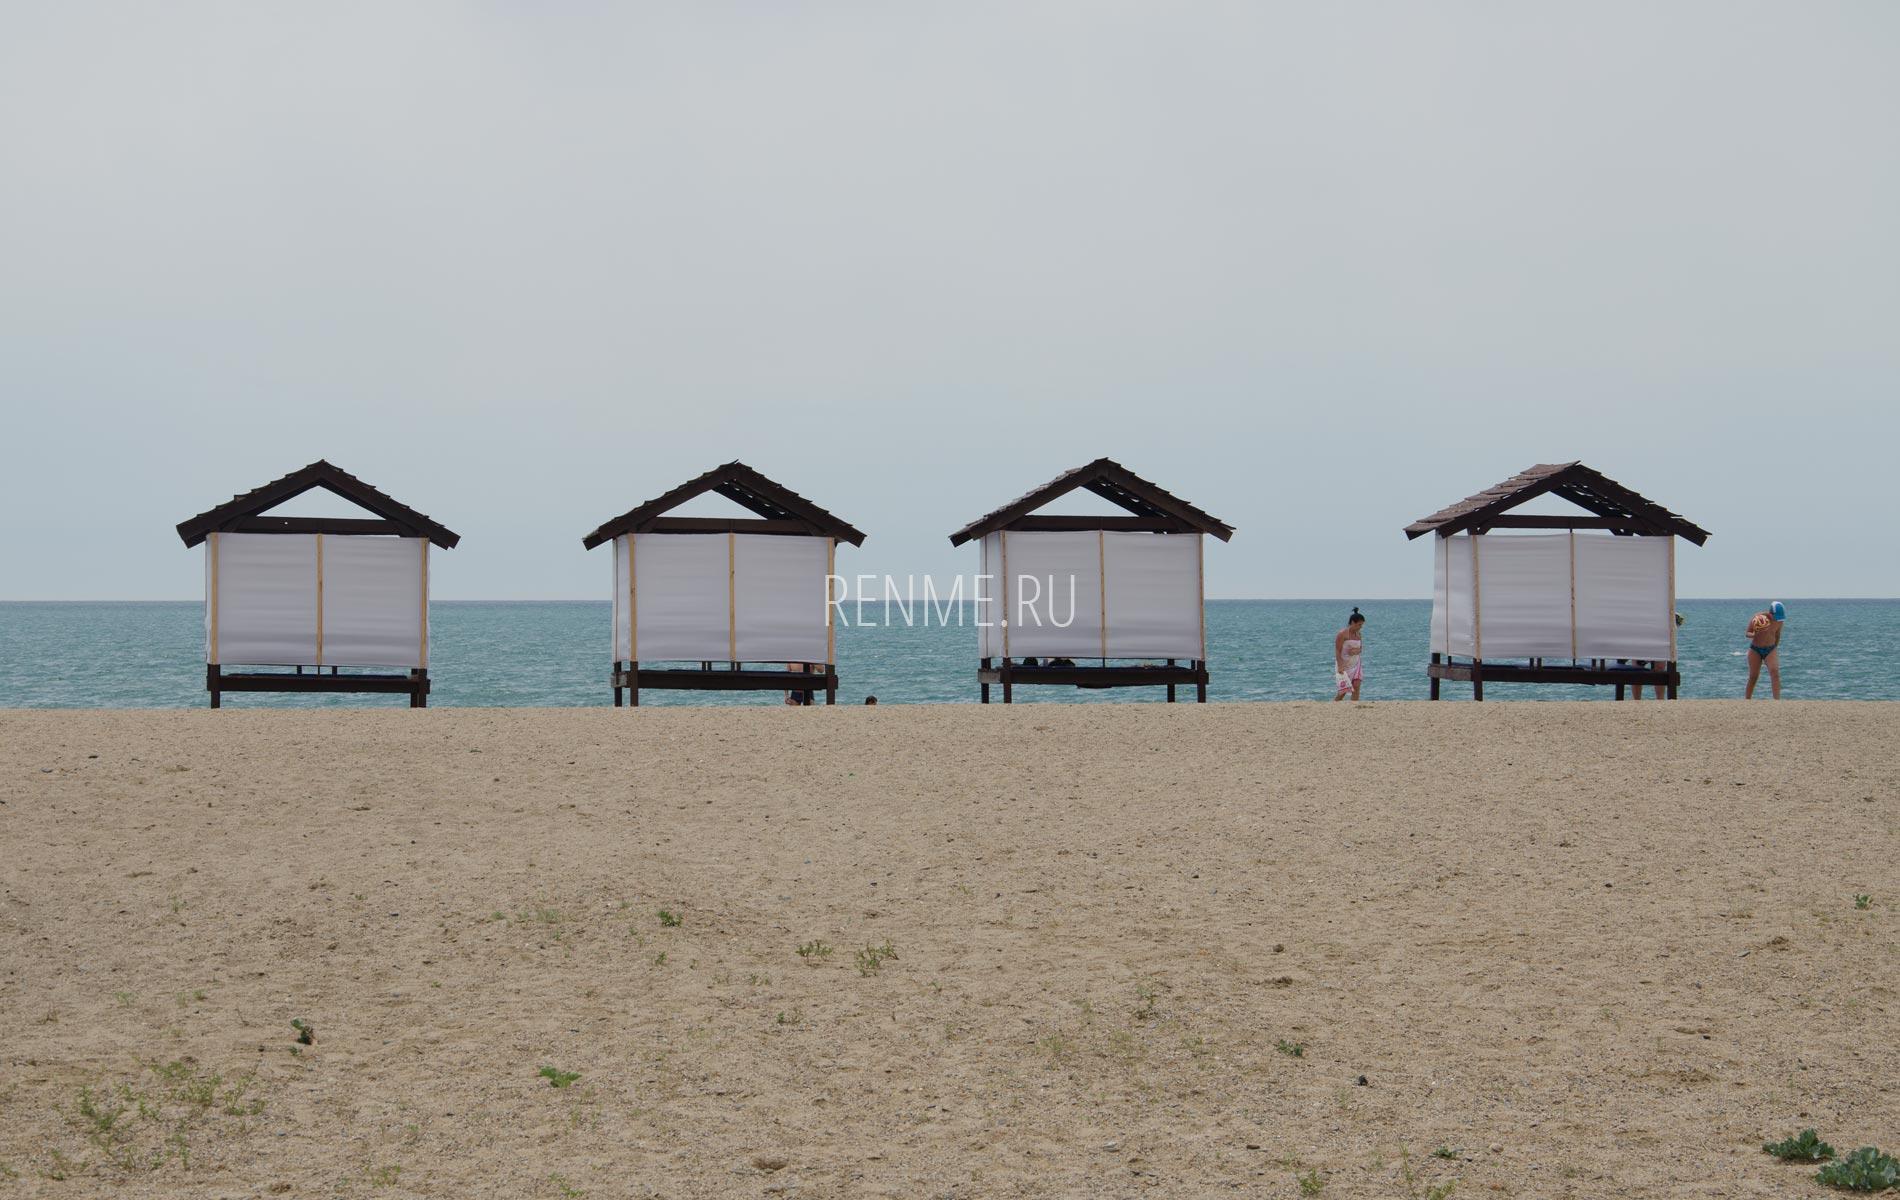 Бунгало на пляже в Крыму. Фото Прибрежного